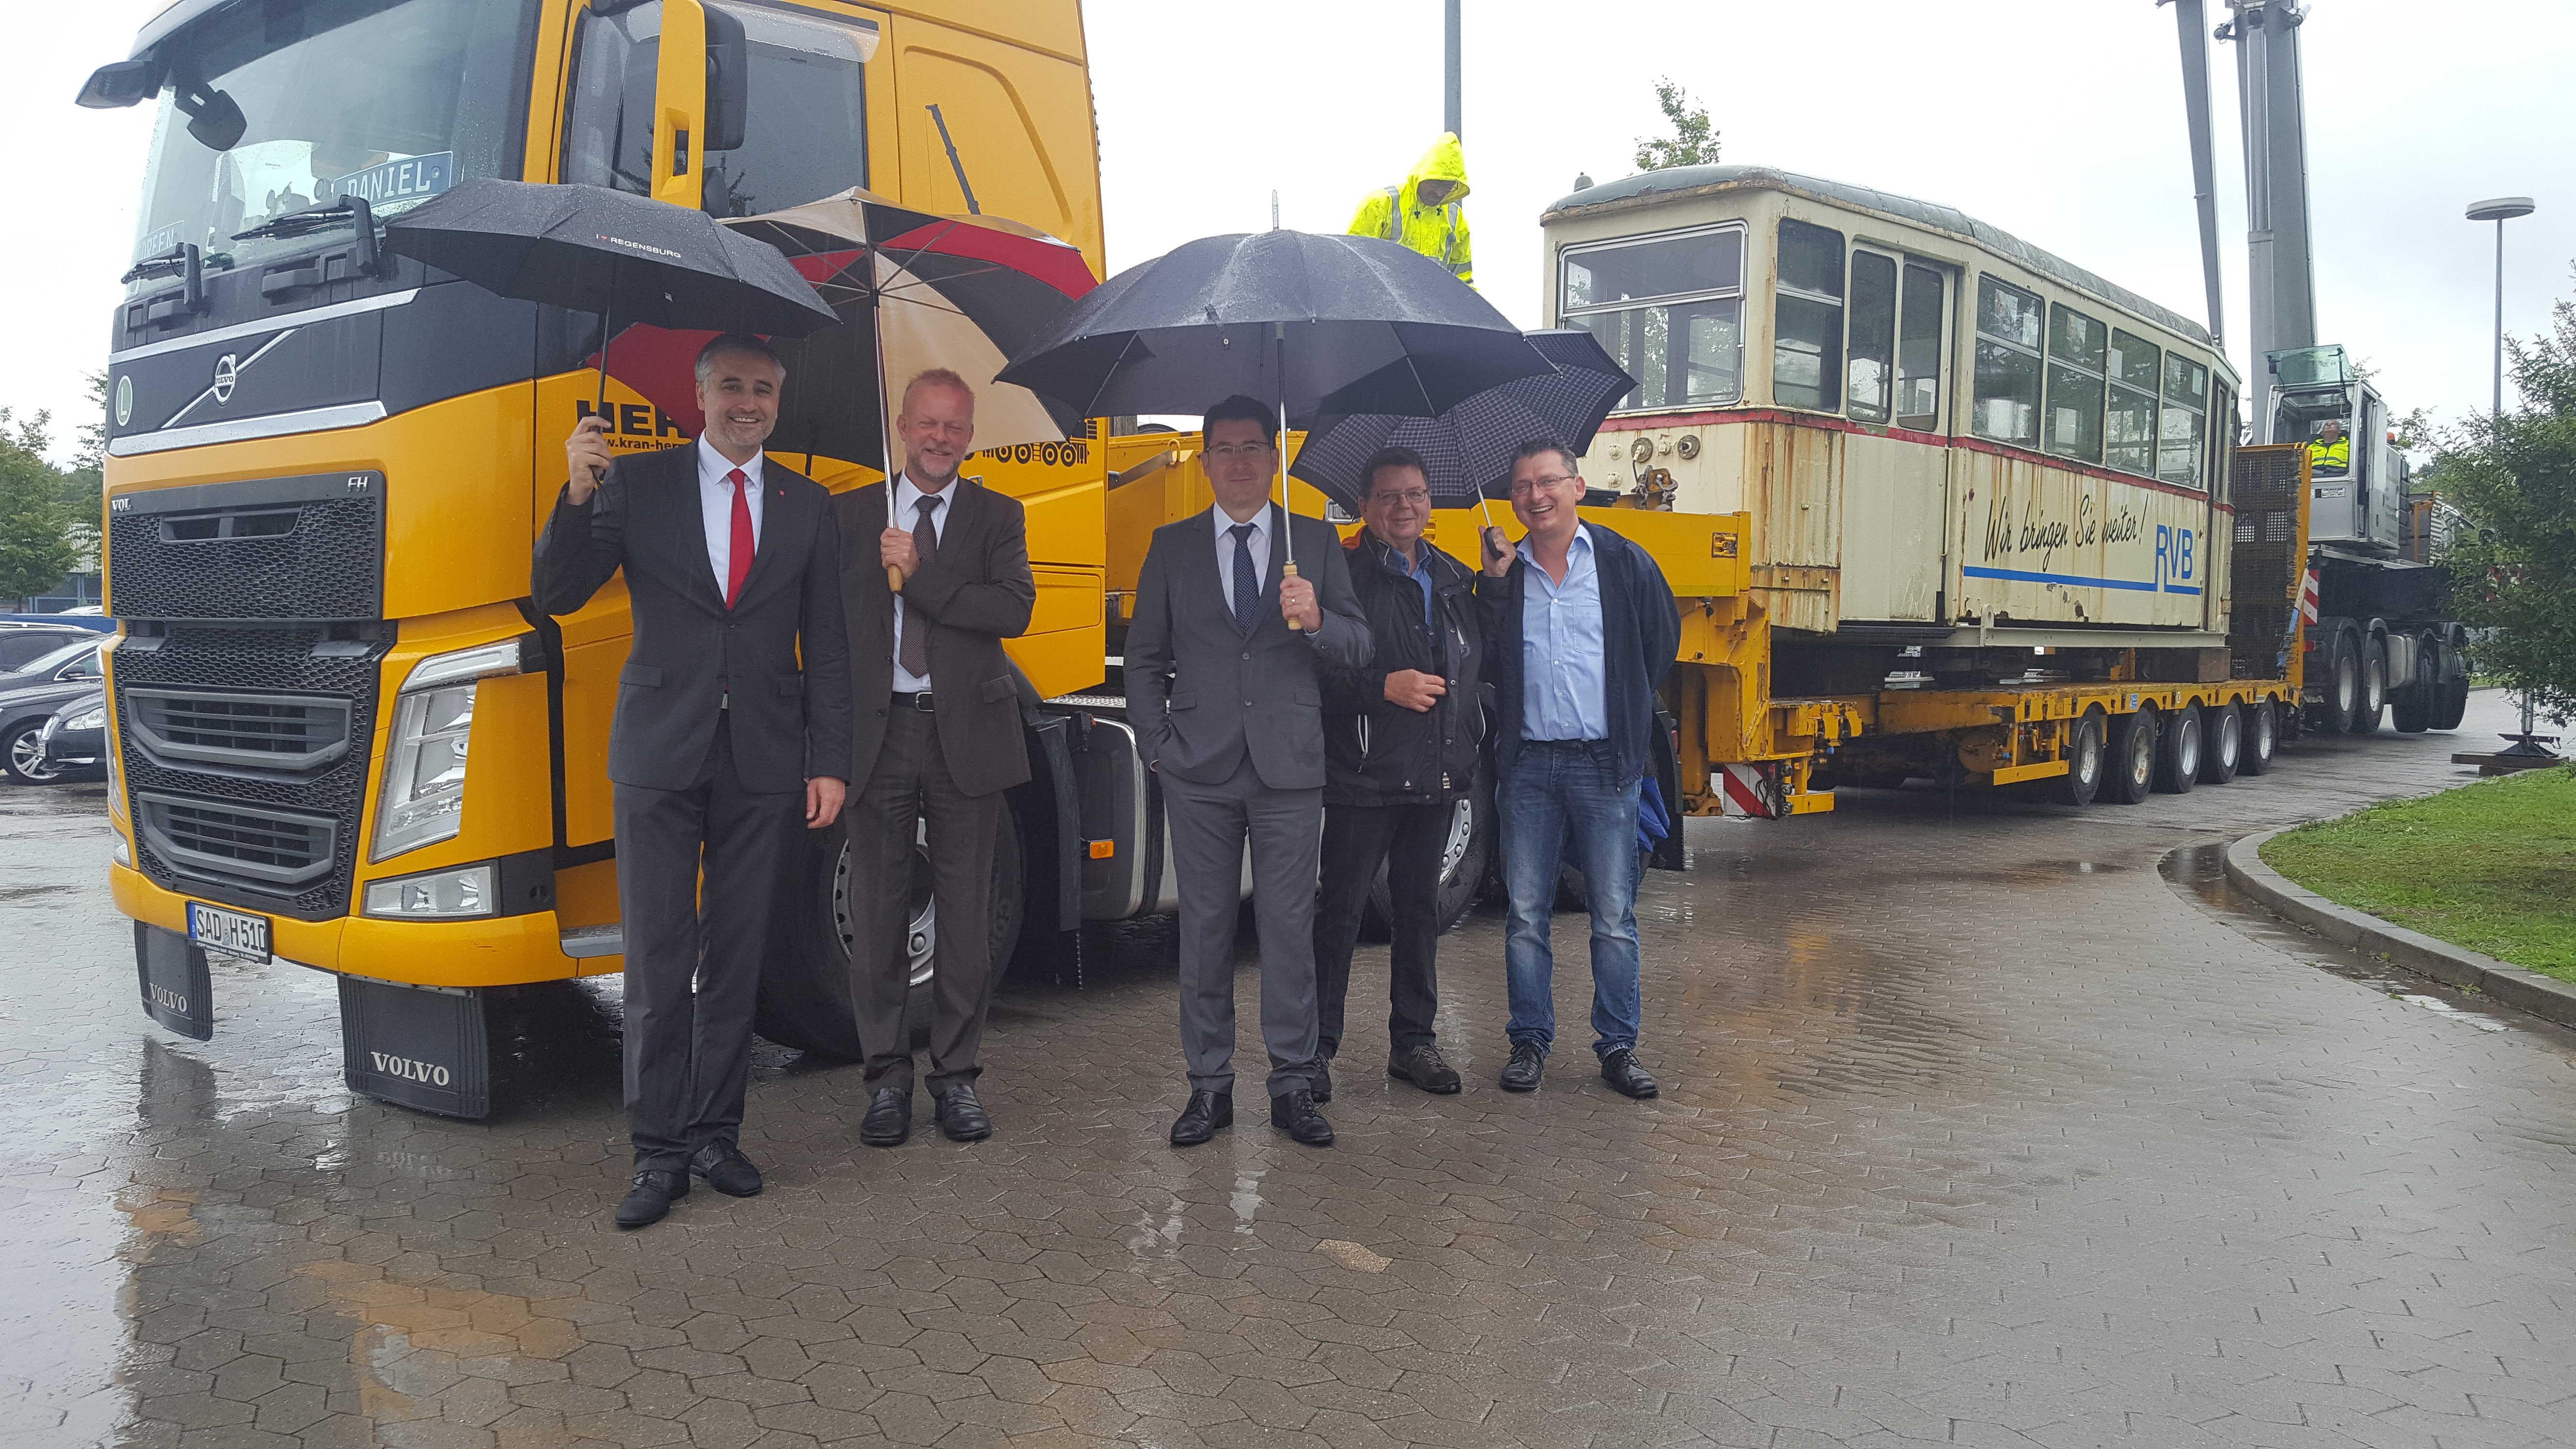 Die Regensburger Straßenbahn ist in ihr neues Depot übergesiedelt